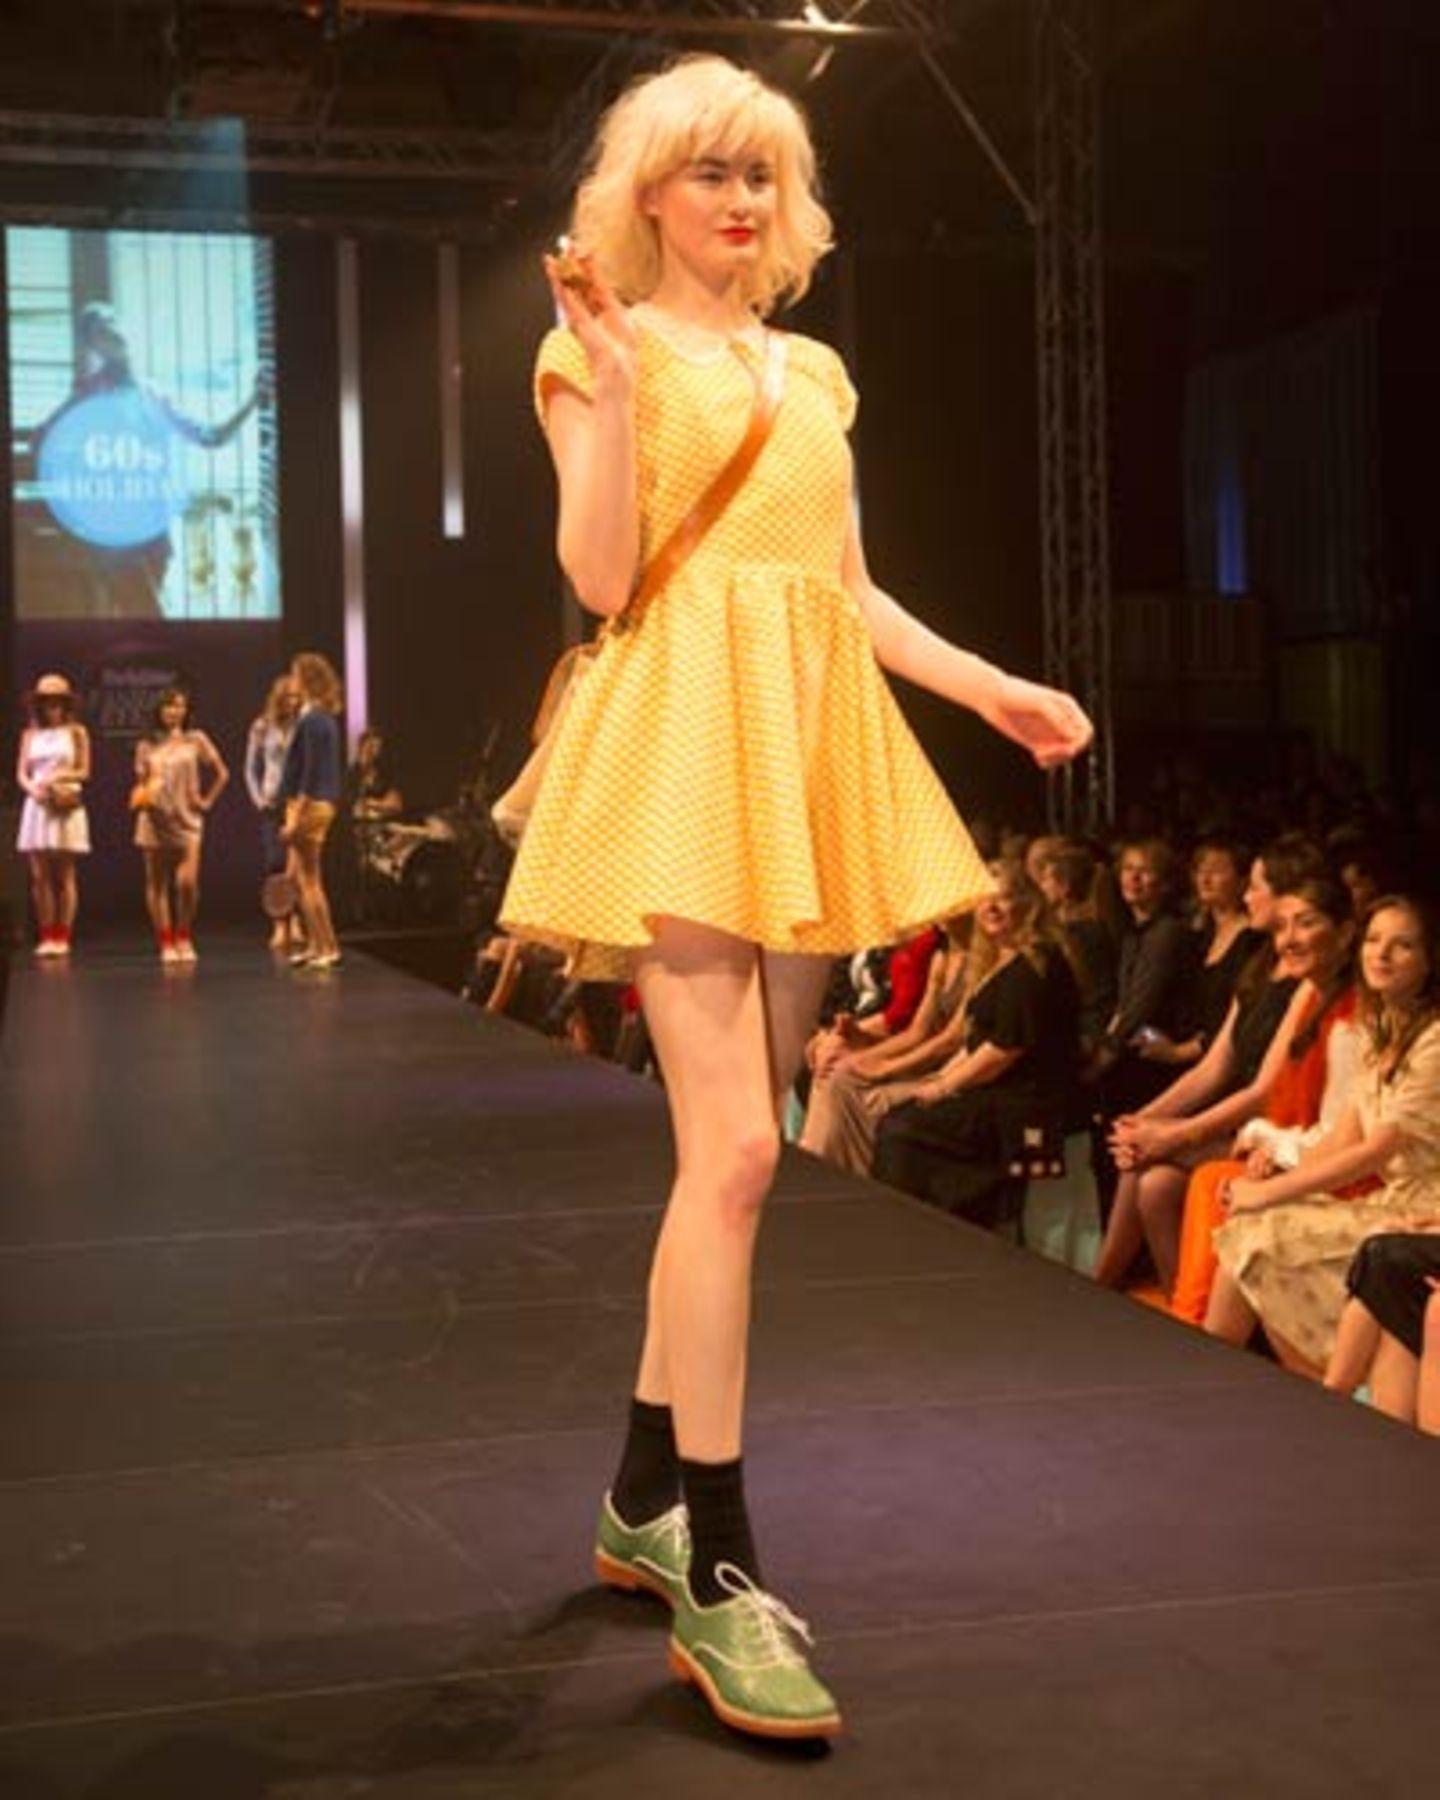 Swinging Sixties: Gelb gepunktetes Minikleid von Primark, Umhängetasche von Sessùn. Schuhe: Pons Quintana.